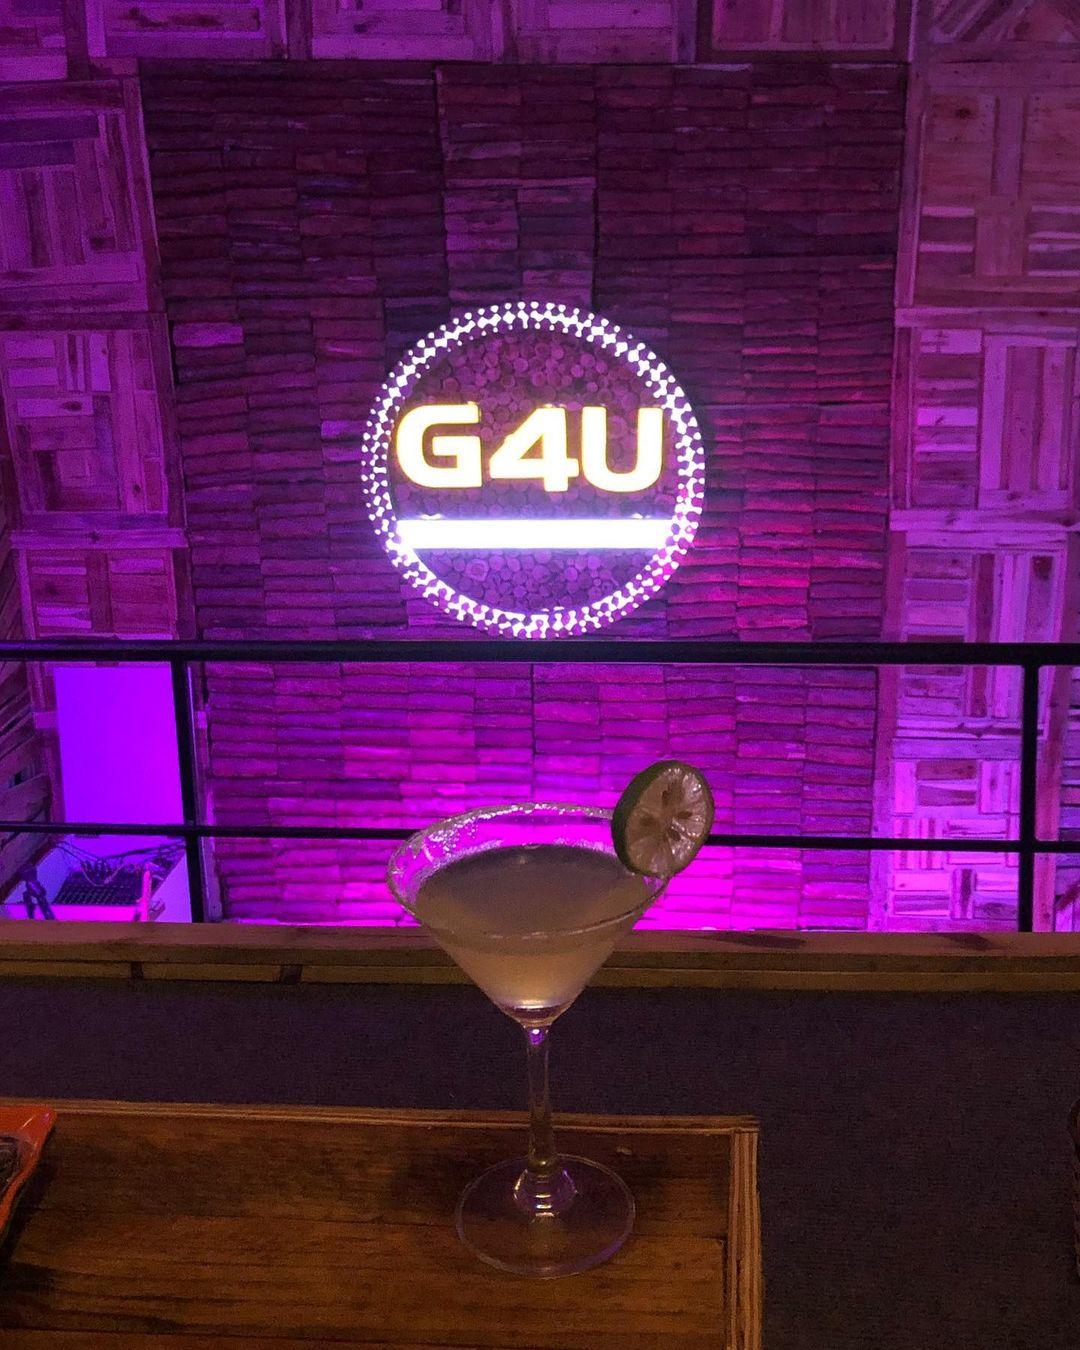 G4U cafe-phong-tra-ha-noi